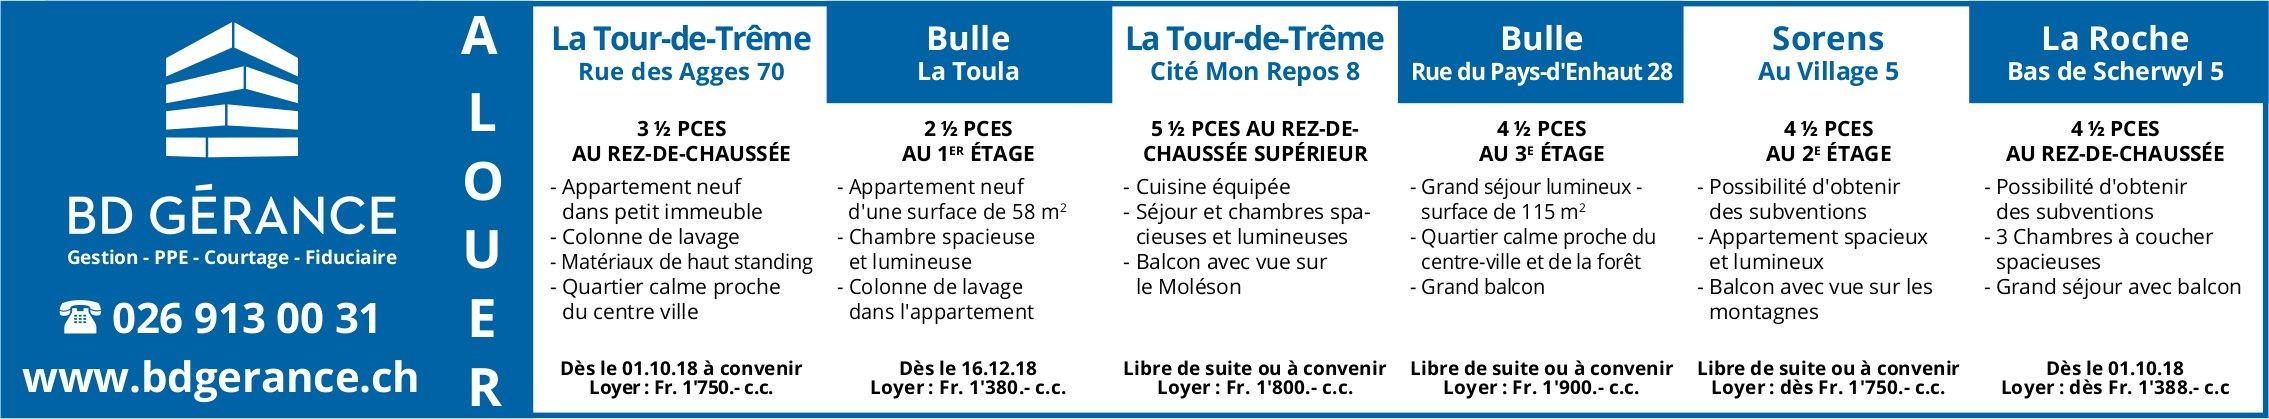 Appartements, 2.5 à 4.5 pièces, La Tour-de-Trême- Bulle, à louer